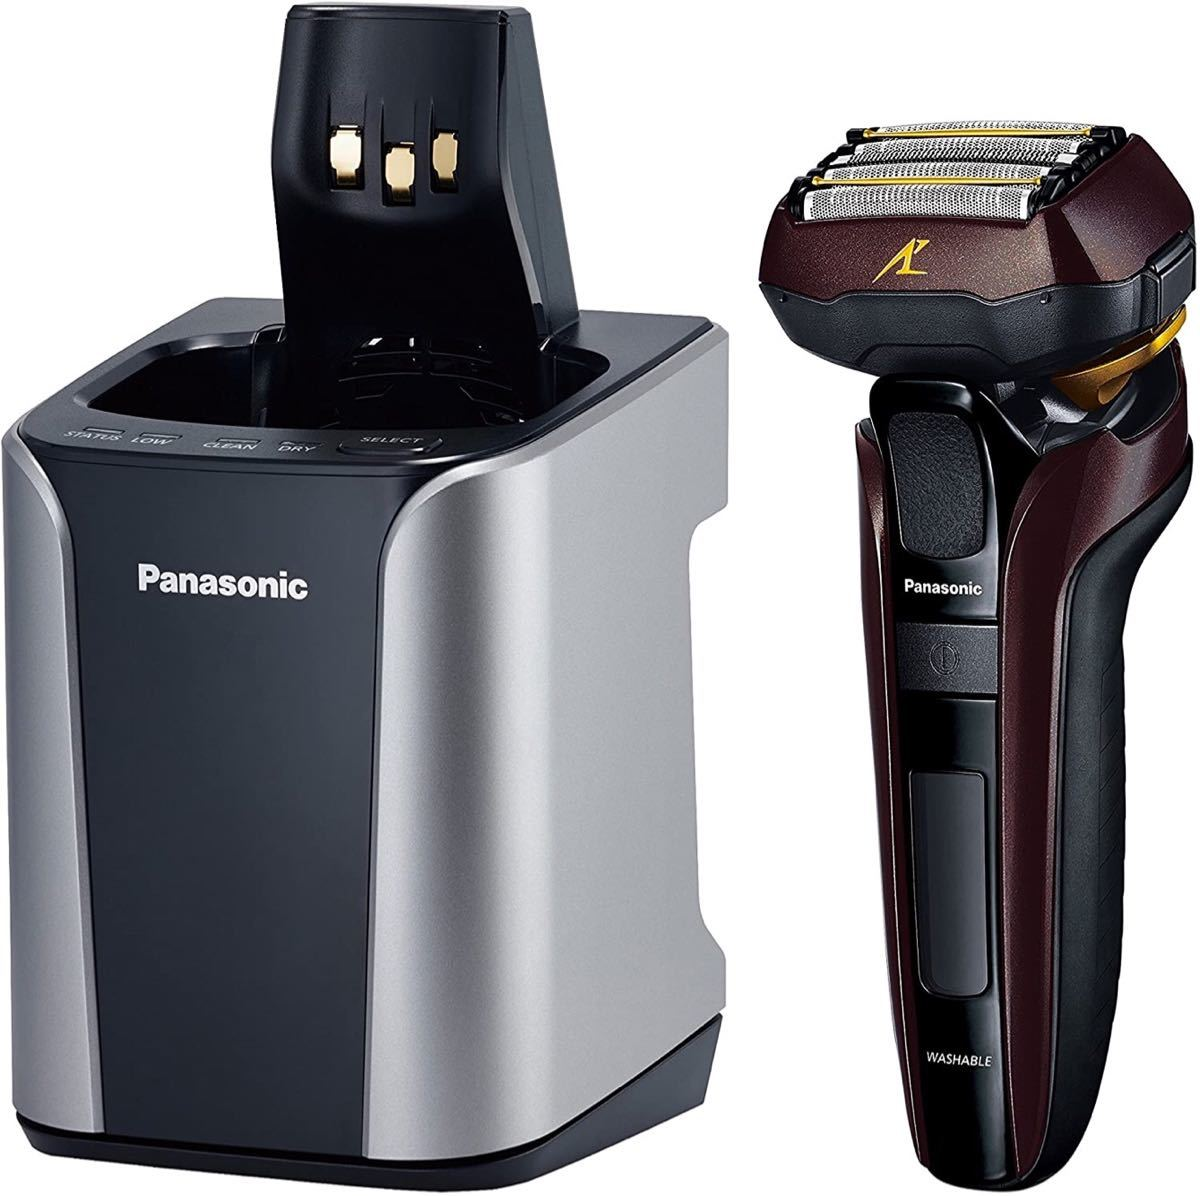 新品未使用品 パナソニック ラムダッシュ メンズシェーバー ES-LV7C-T